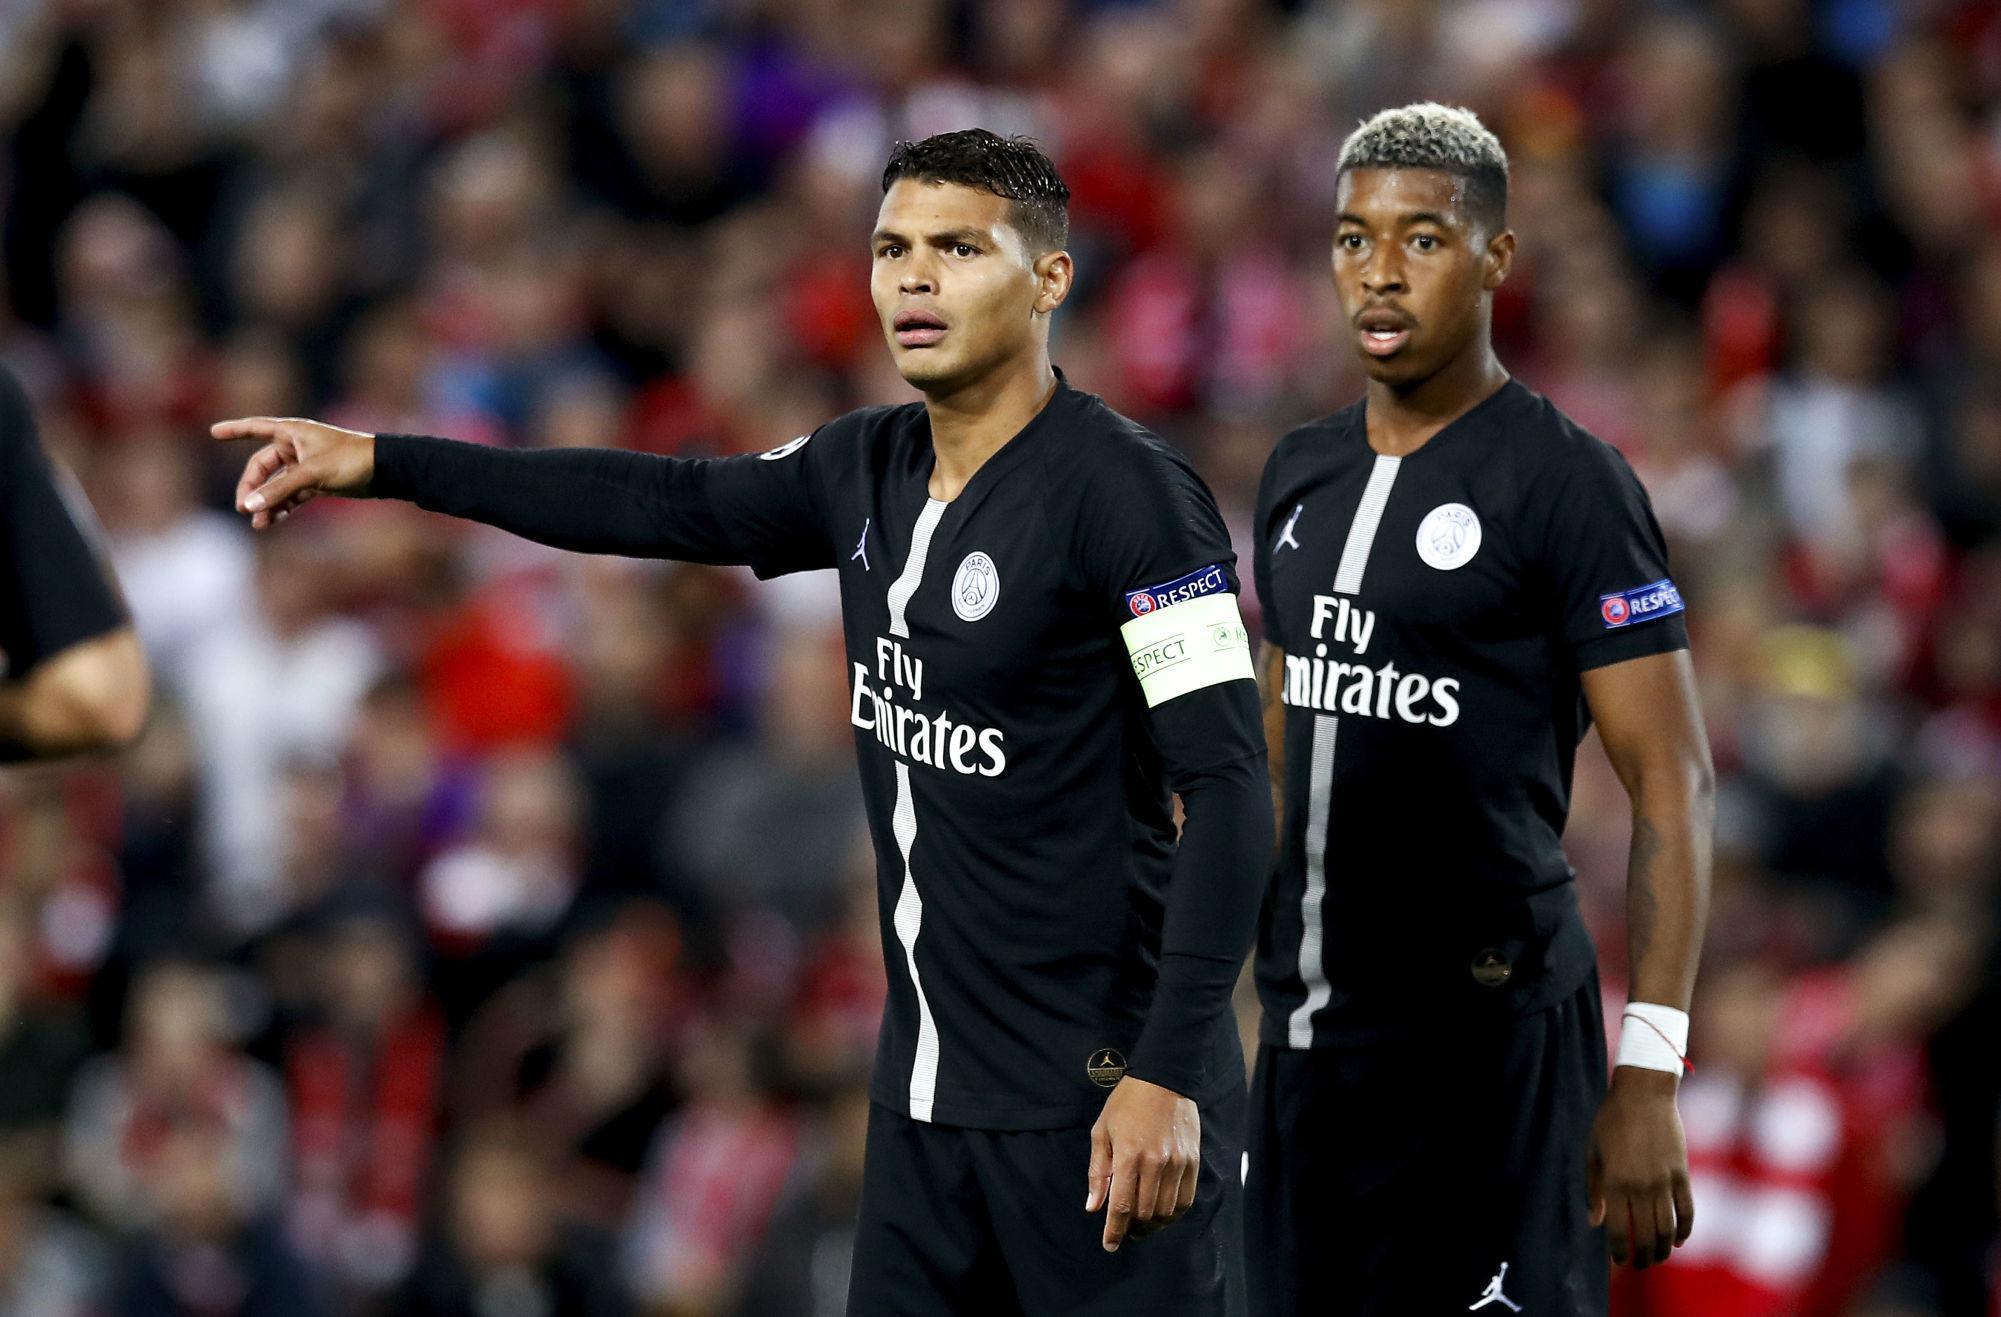 Tarrago explique pourquoi le PSG ne doit pas titulariser Thiago Silva sur la fin de la saison